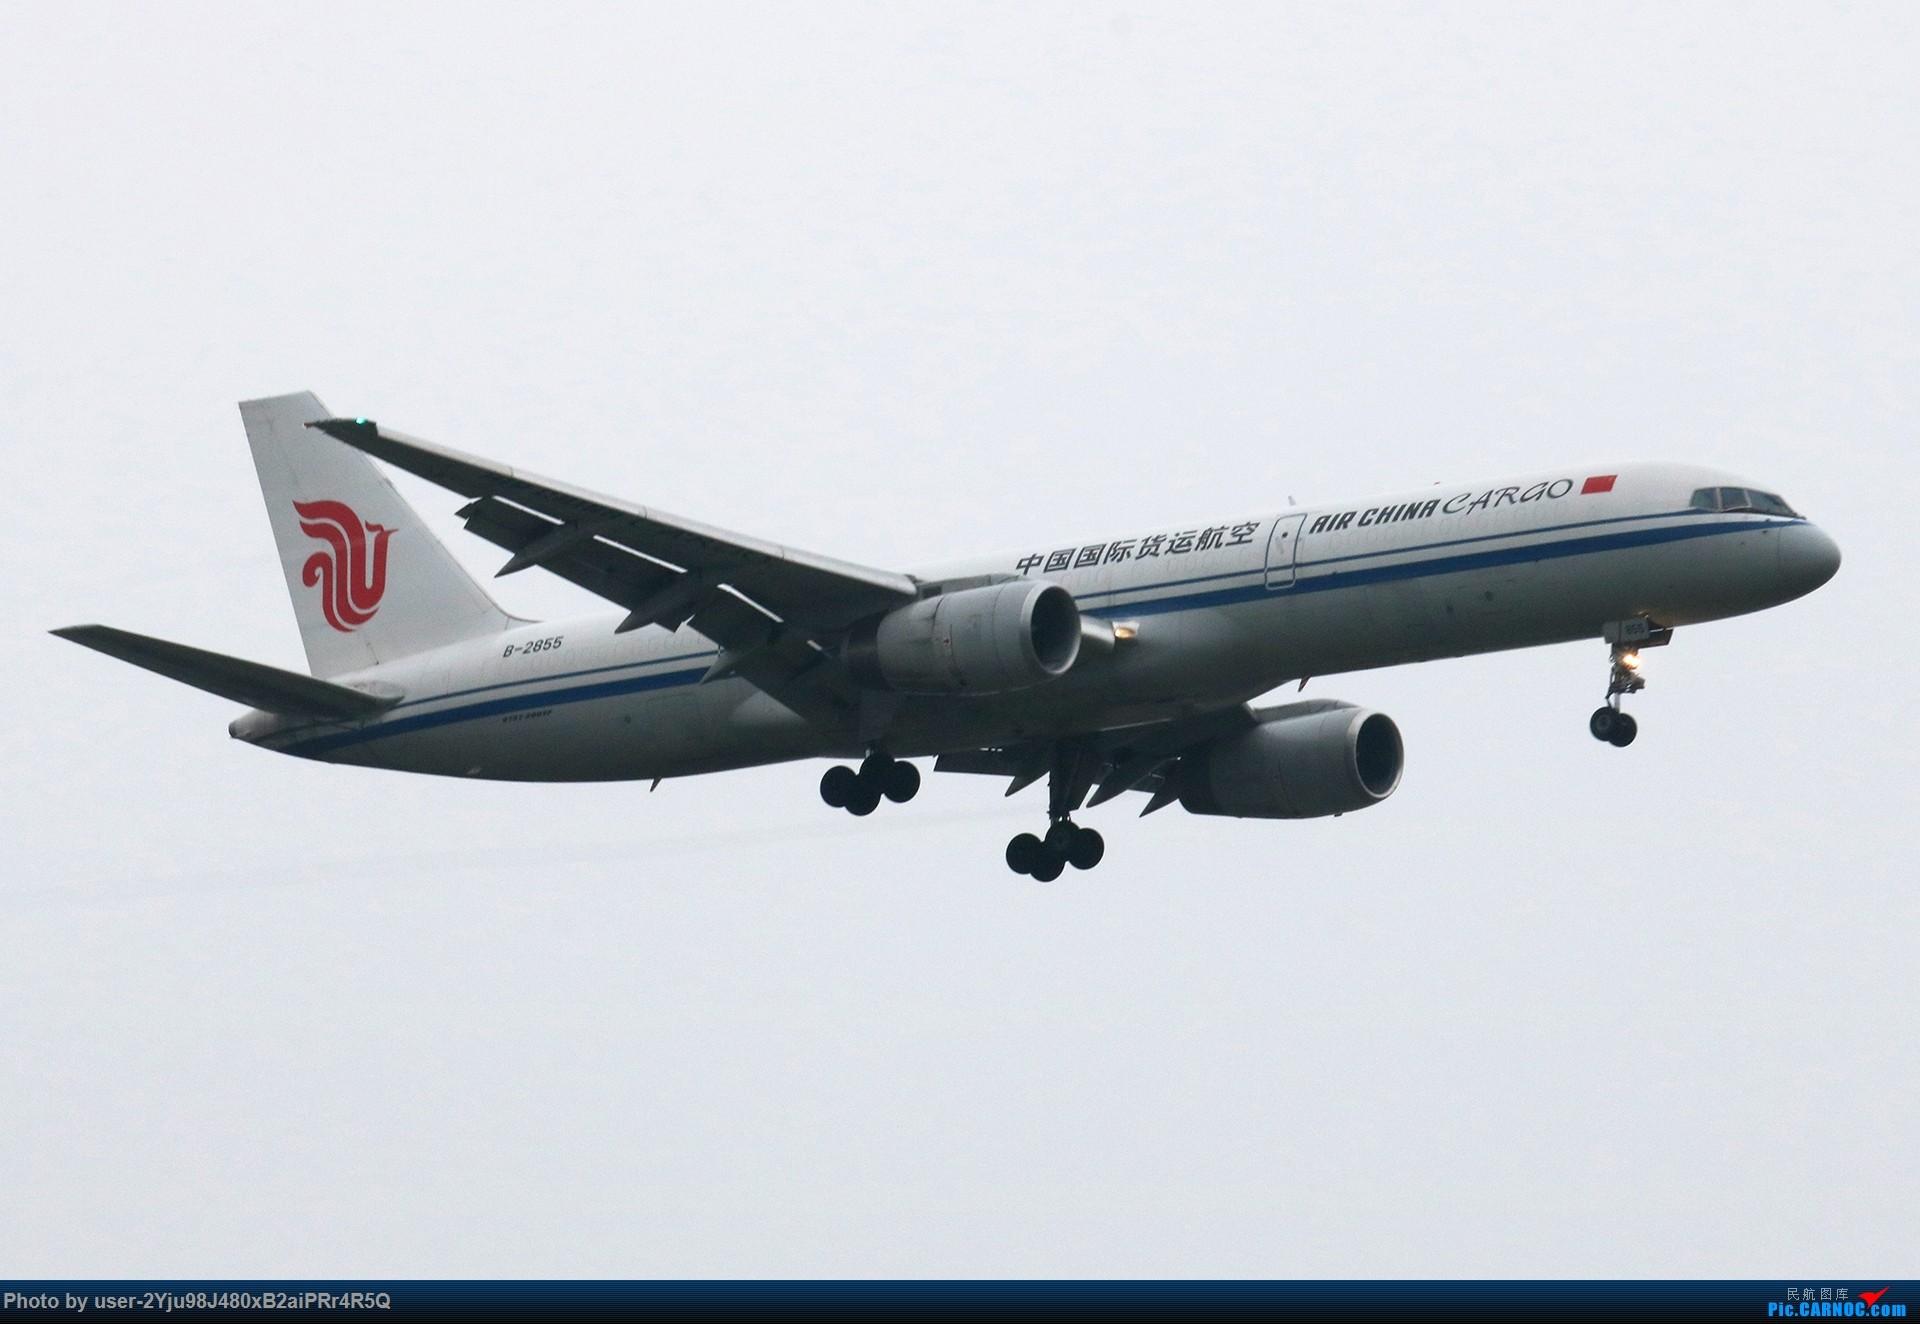 Re:[原创]PEK|01|36R|天空多灰,它们亦放亮 BOEING 757-200 B-2855 中国北京首都国际机场